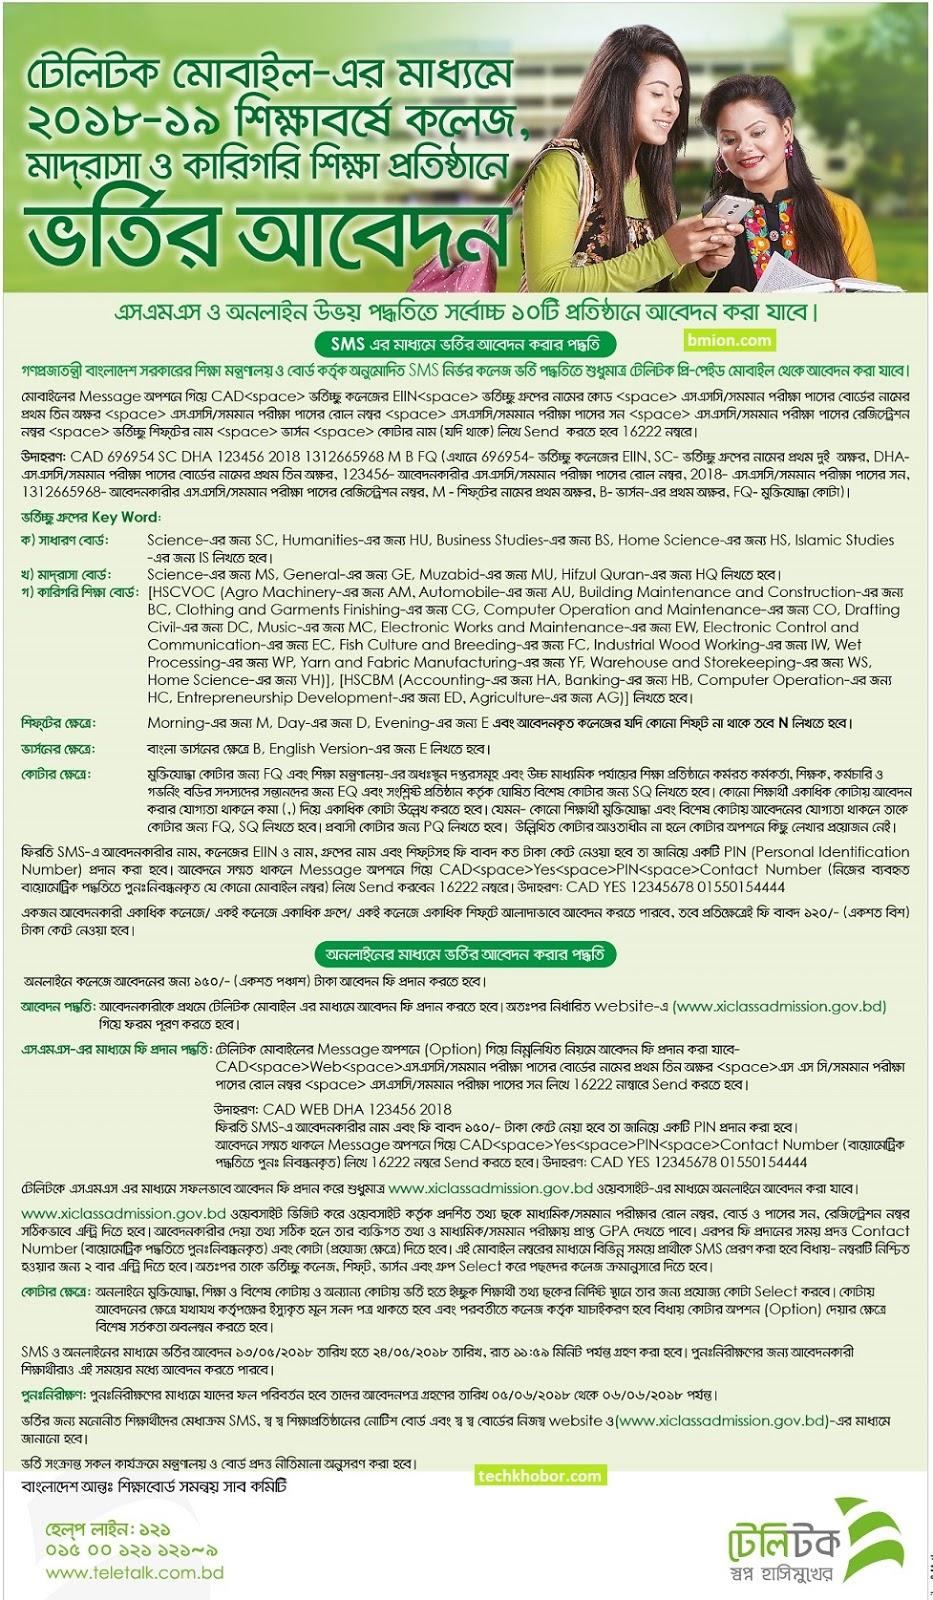 একাদশ-শ্রেণীতে-কলেজে-ভর্তির-আবেদন-নিয়মাবলী-প্রক্রিয়া-২০১৮-চলবে-১৩-২৪মে-২০১৮